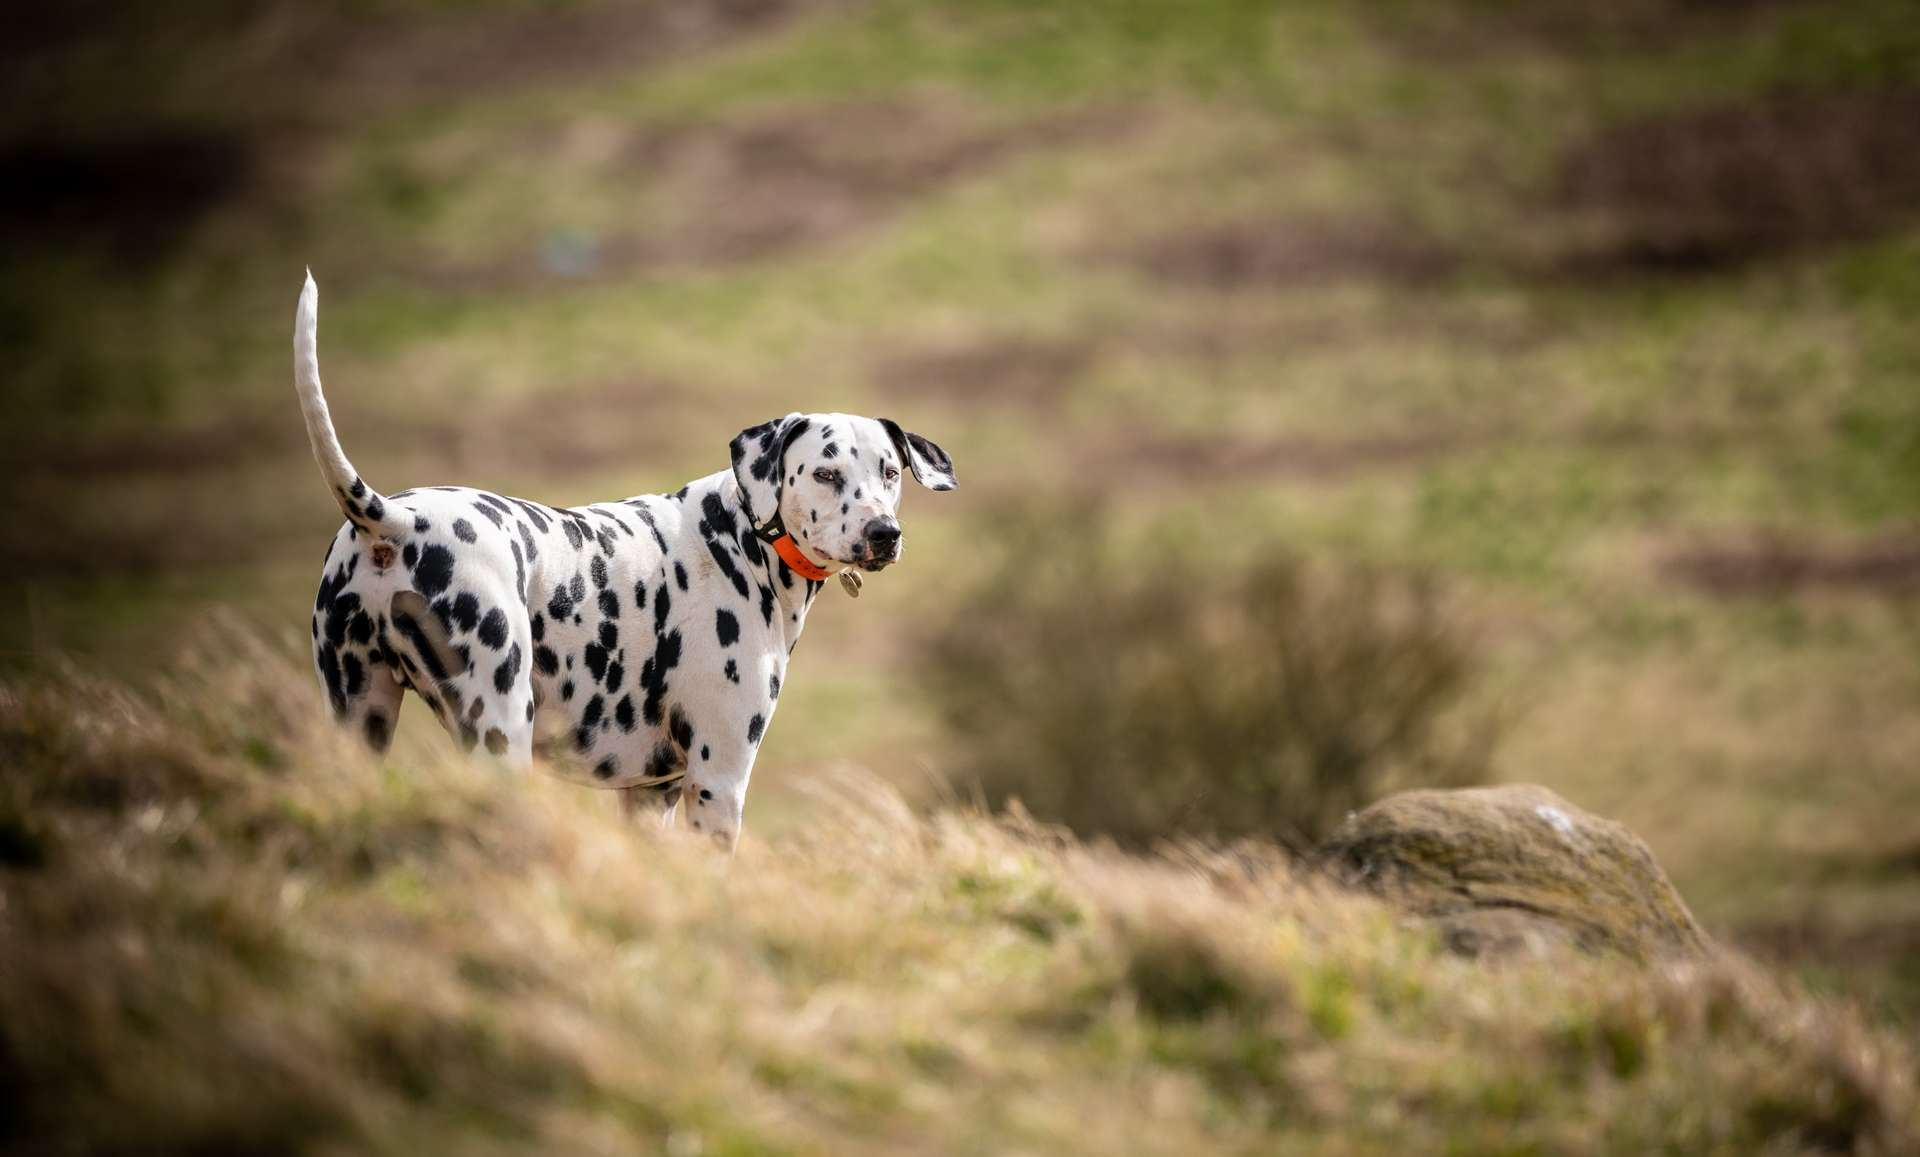 En 2014, une étude suggérait déjà que les chiens utilisaient la magnétoréception... afin de faire leurs besoins selon l'axe magnétique nord-sud. © SAJ, Adobe Stock